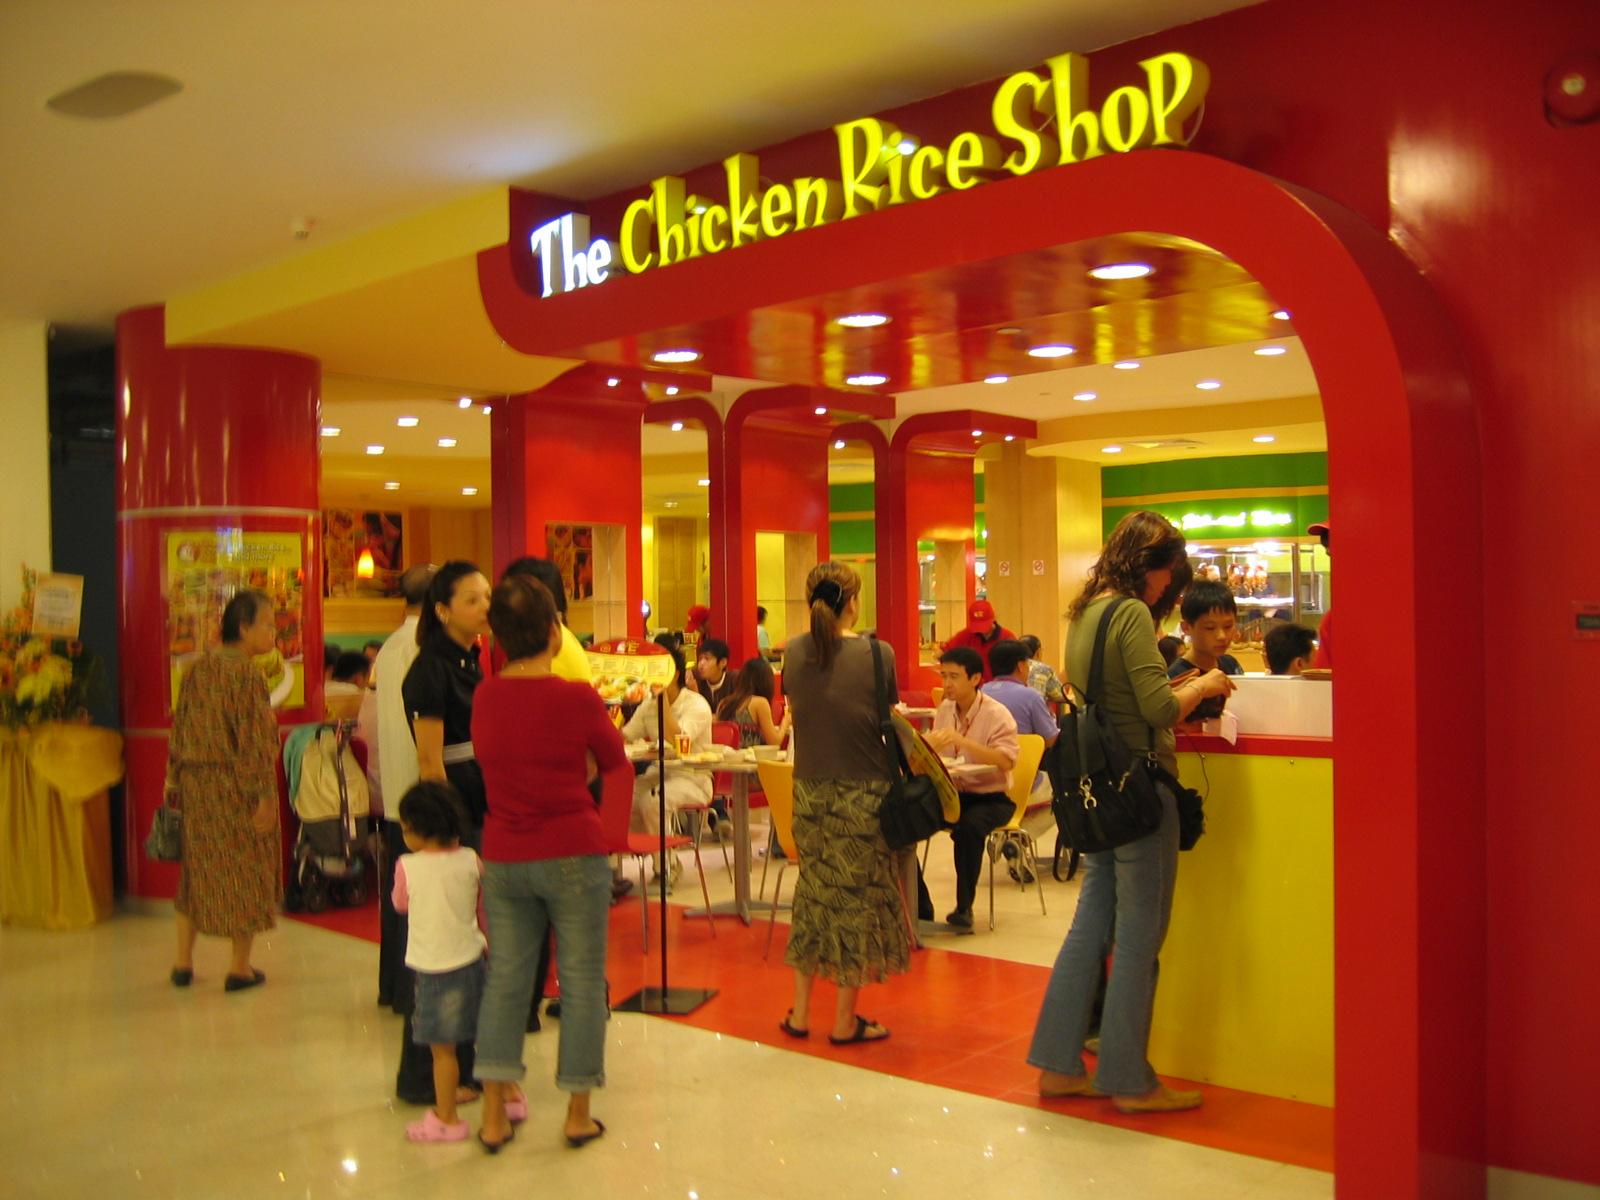 The Chicken Rice Shop mengamalkan pengurusan inventori yang berkesan.